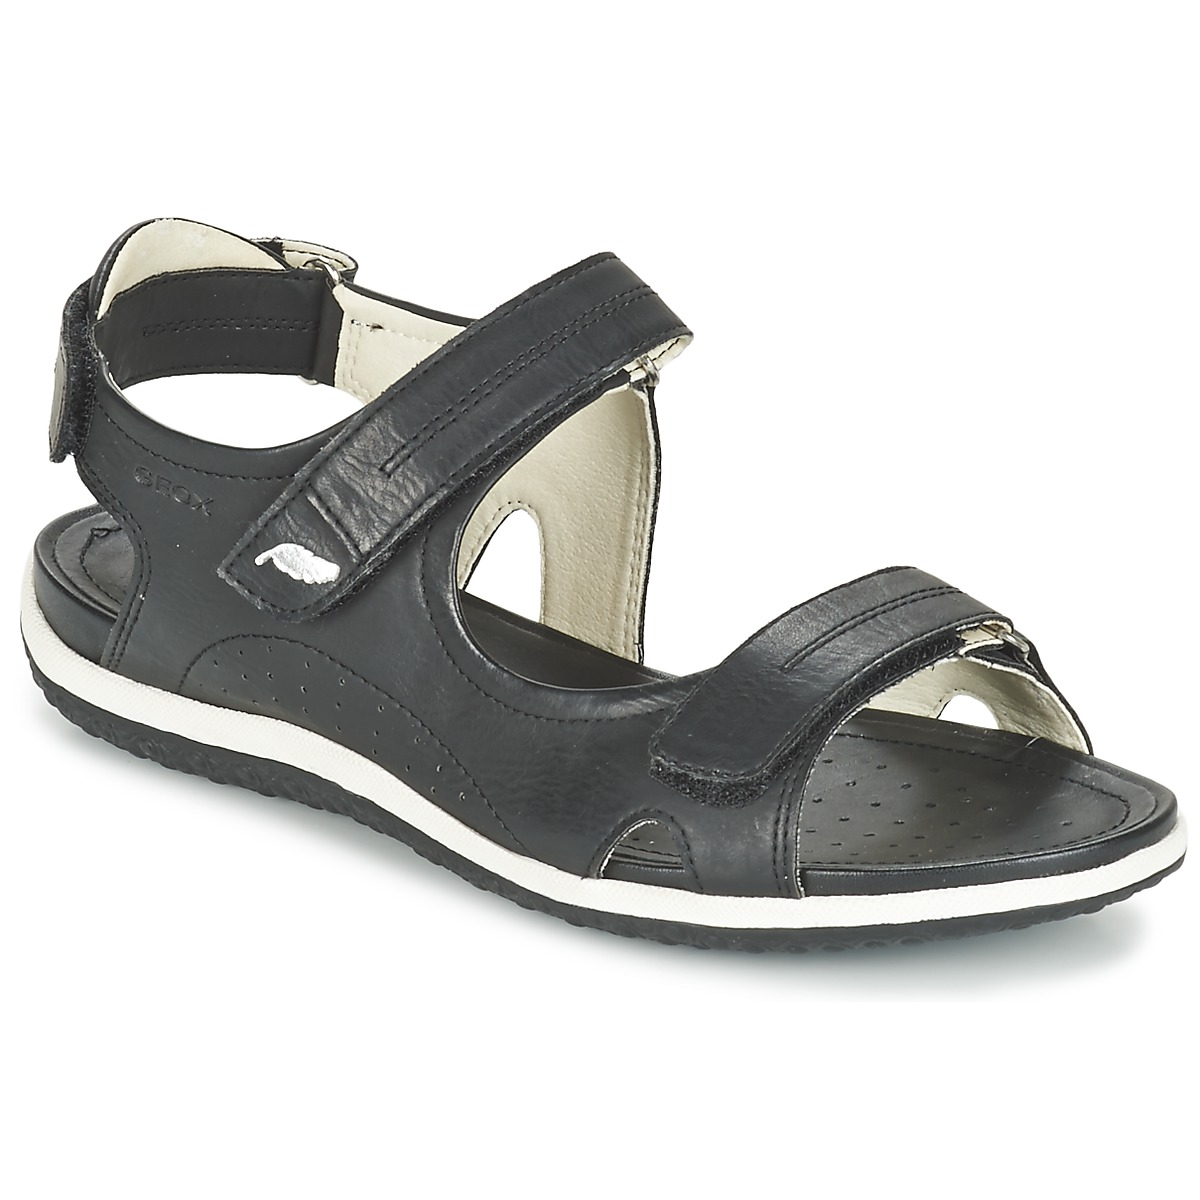 geox d sand vega a noir chaussure pas cher avec chaussures sandale femme 79 99. Black Bedroom Furniture Sets. Home Design Ideas